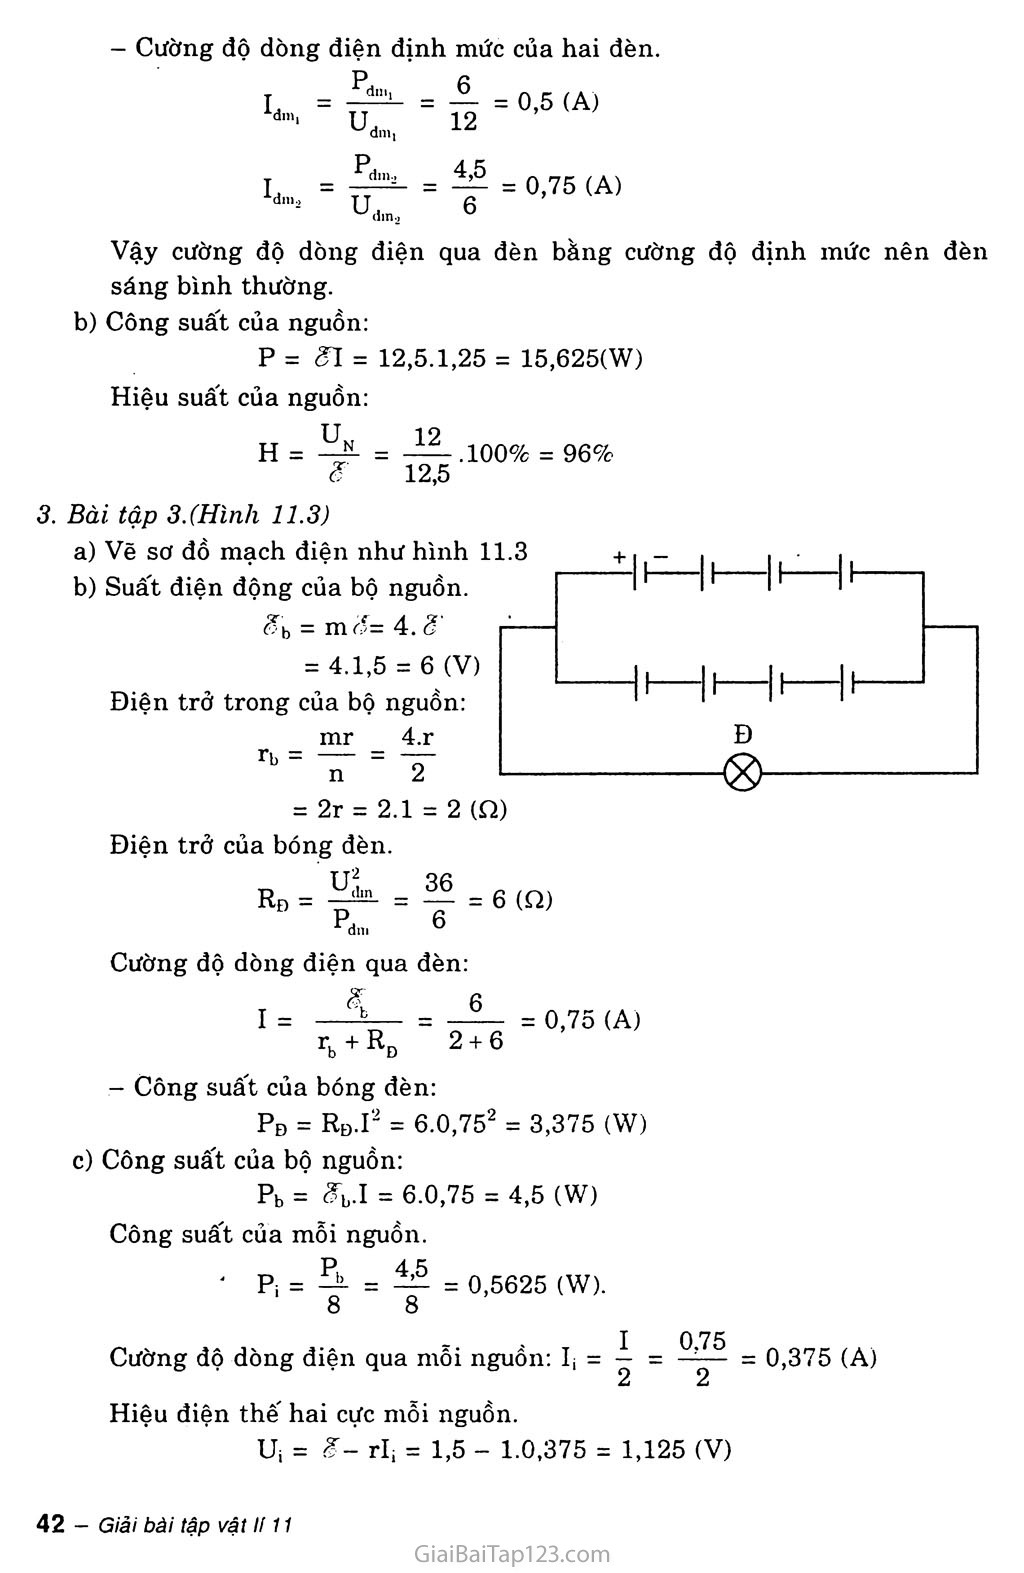 Bài 11: Phương pháp giải một số bài toán về toàn mạch trang 3